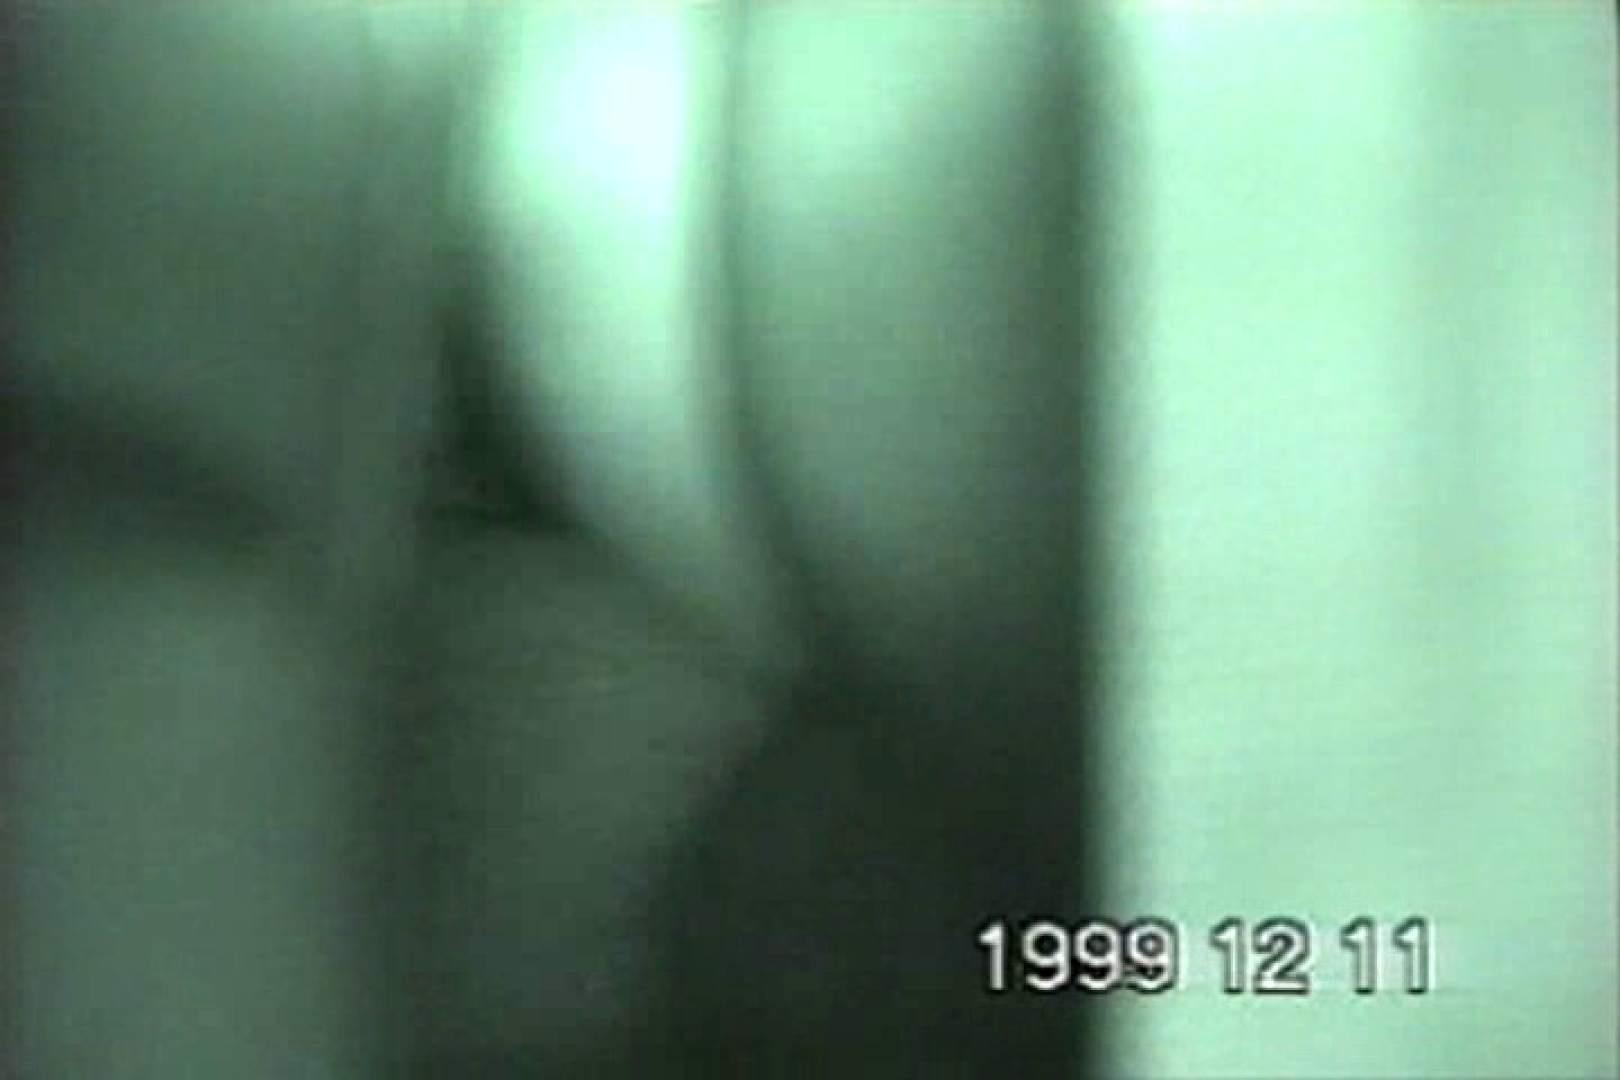 蔵出し!!赤外線カーセックスVol.7 女性の肛門 | エッチなセックス  107画像 50